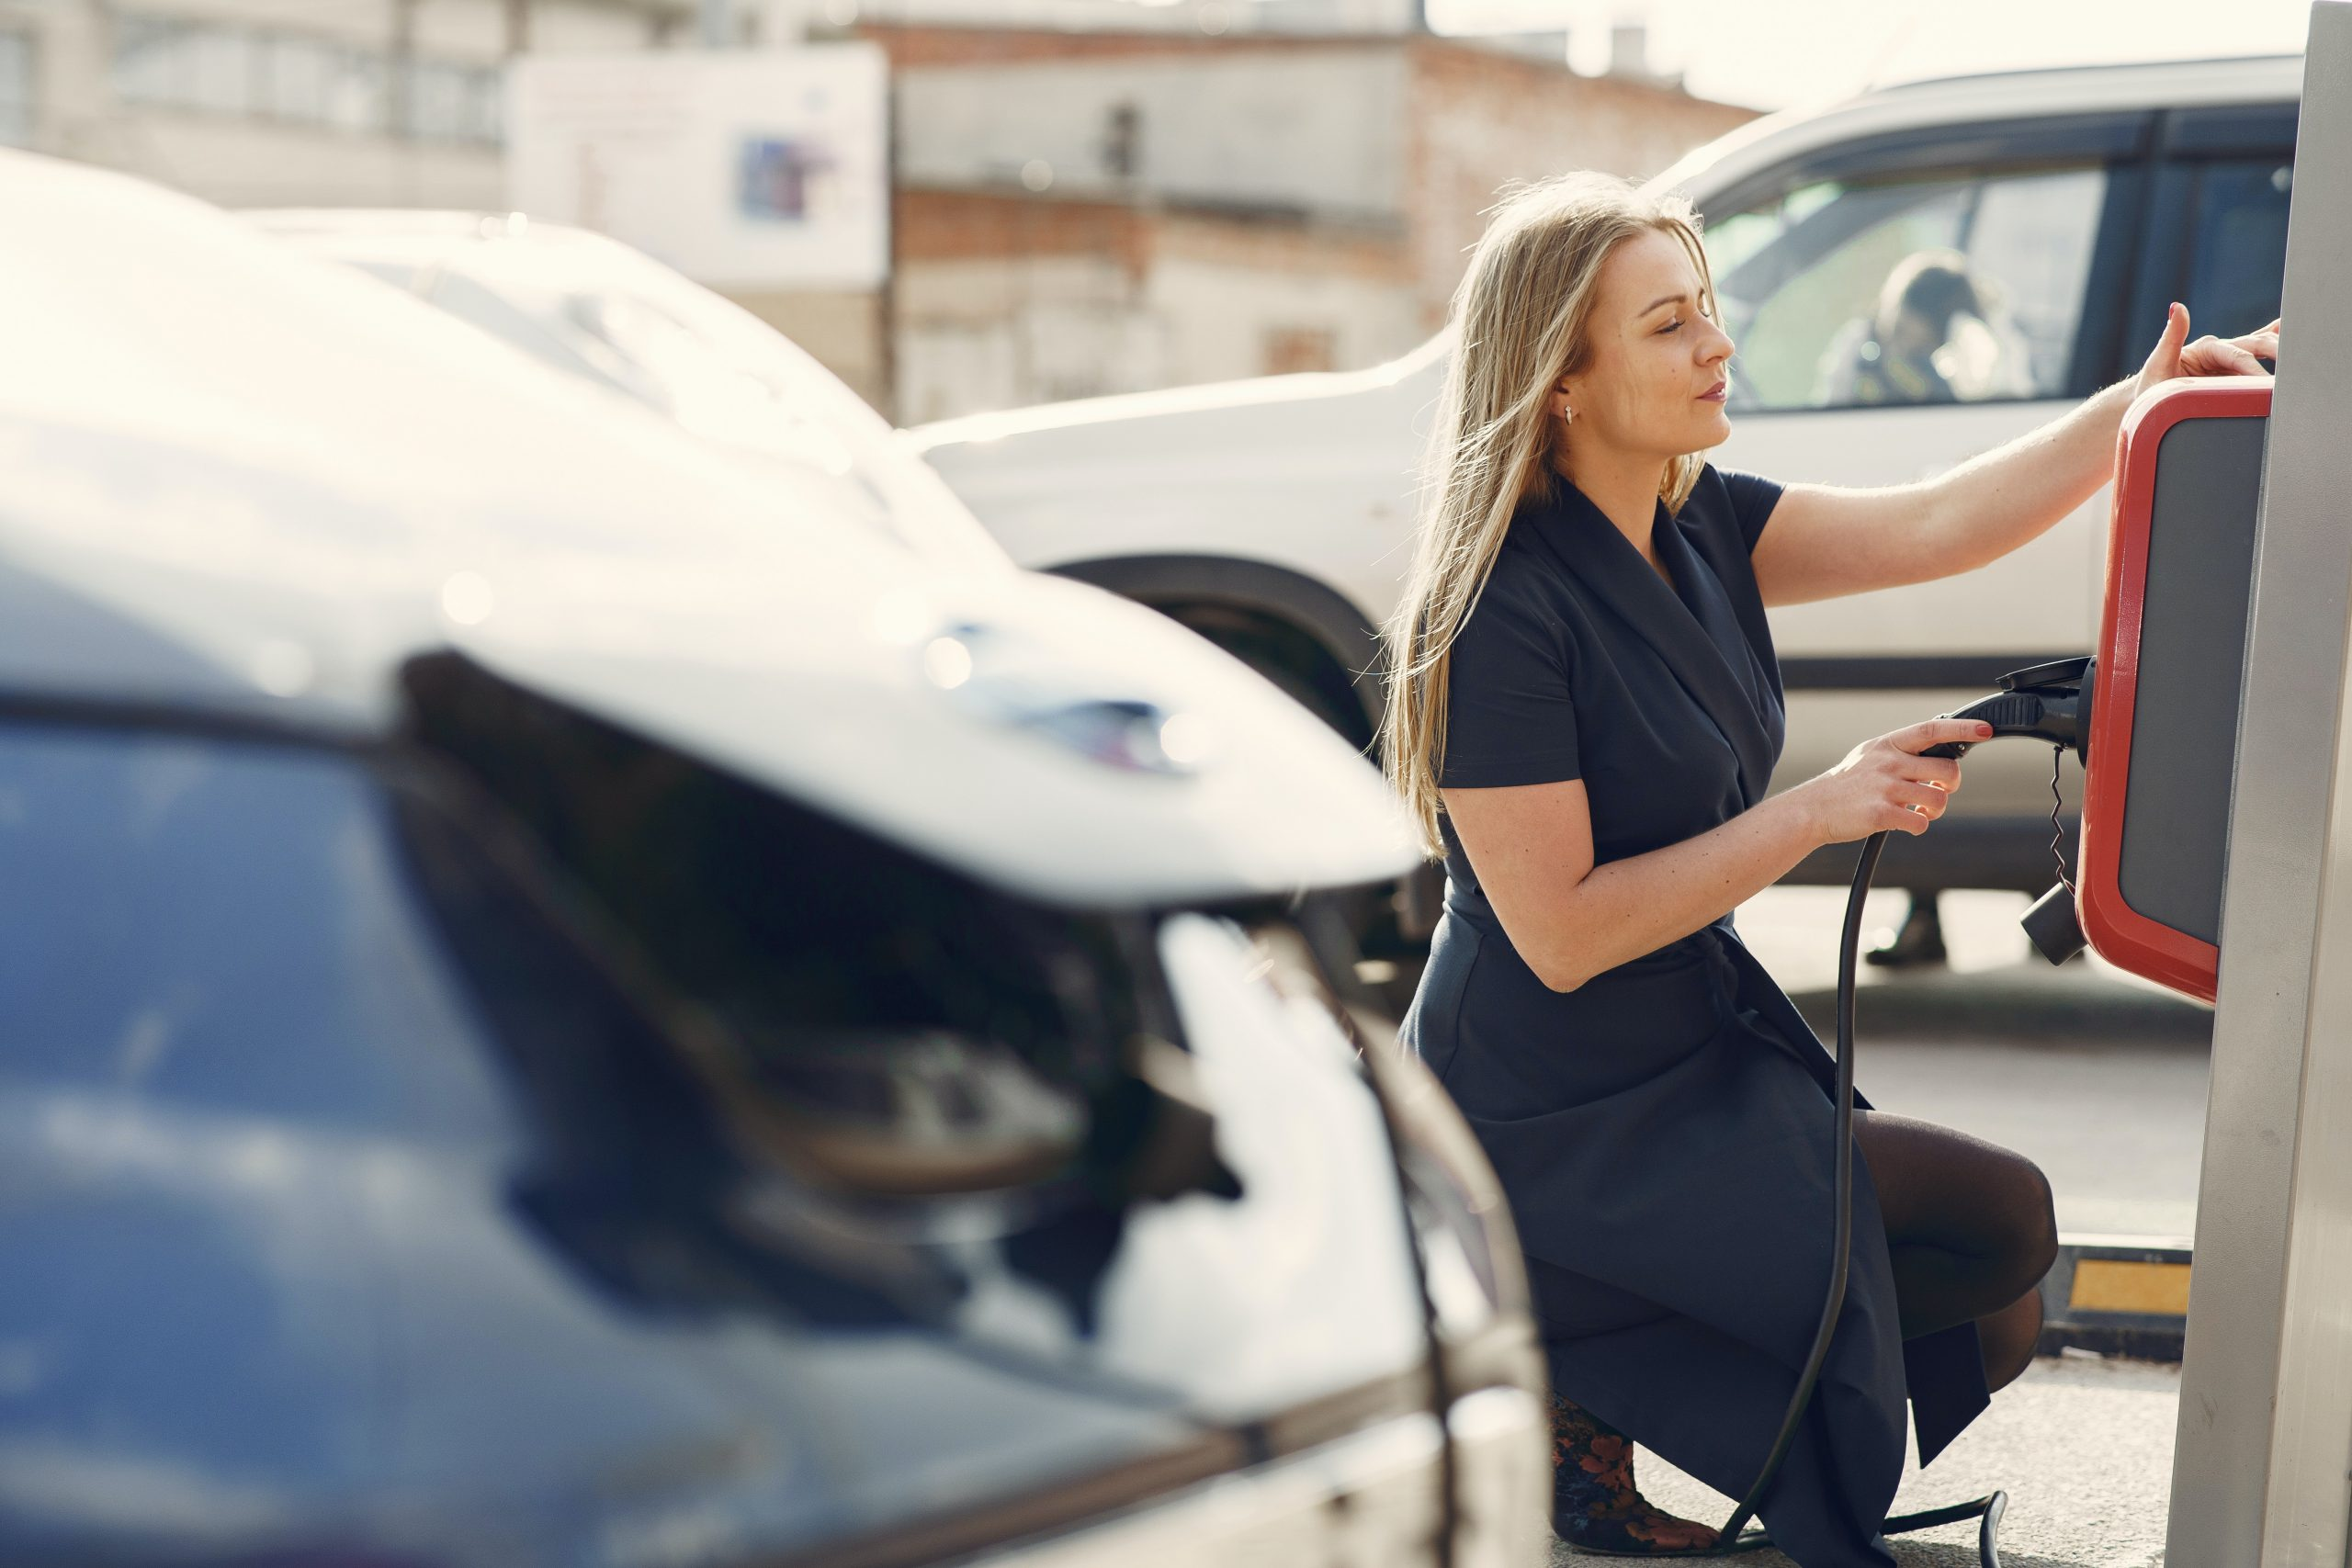 Femme en train de brancher son véhicule électrique à une borne de recharge en entreprise